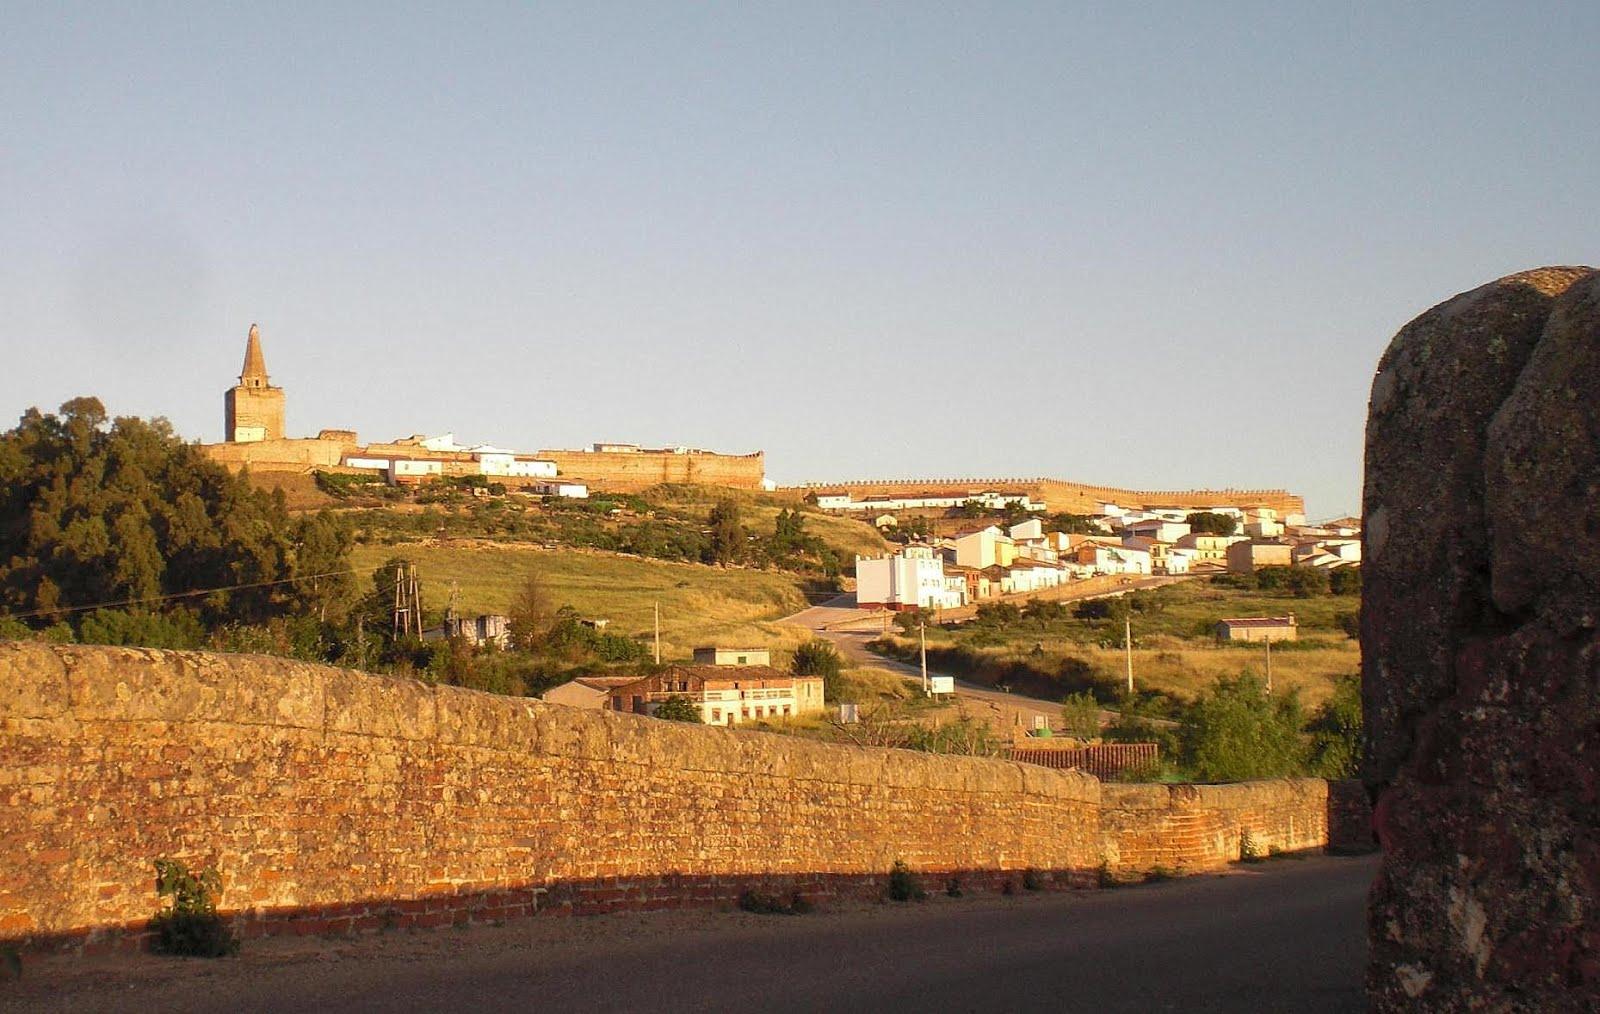 Extremos del Duero: conjuntos históricos de Extremadura